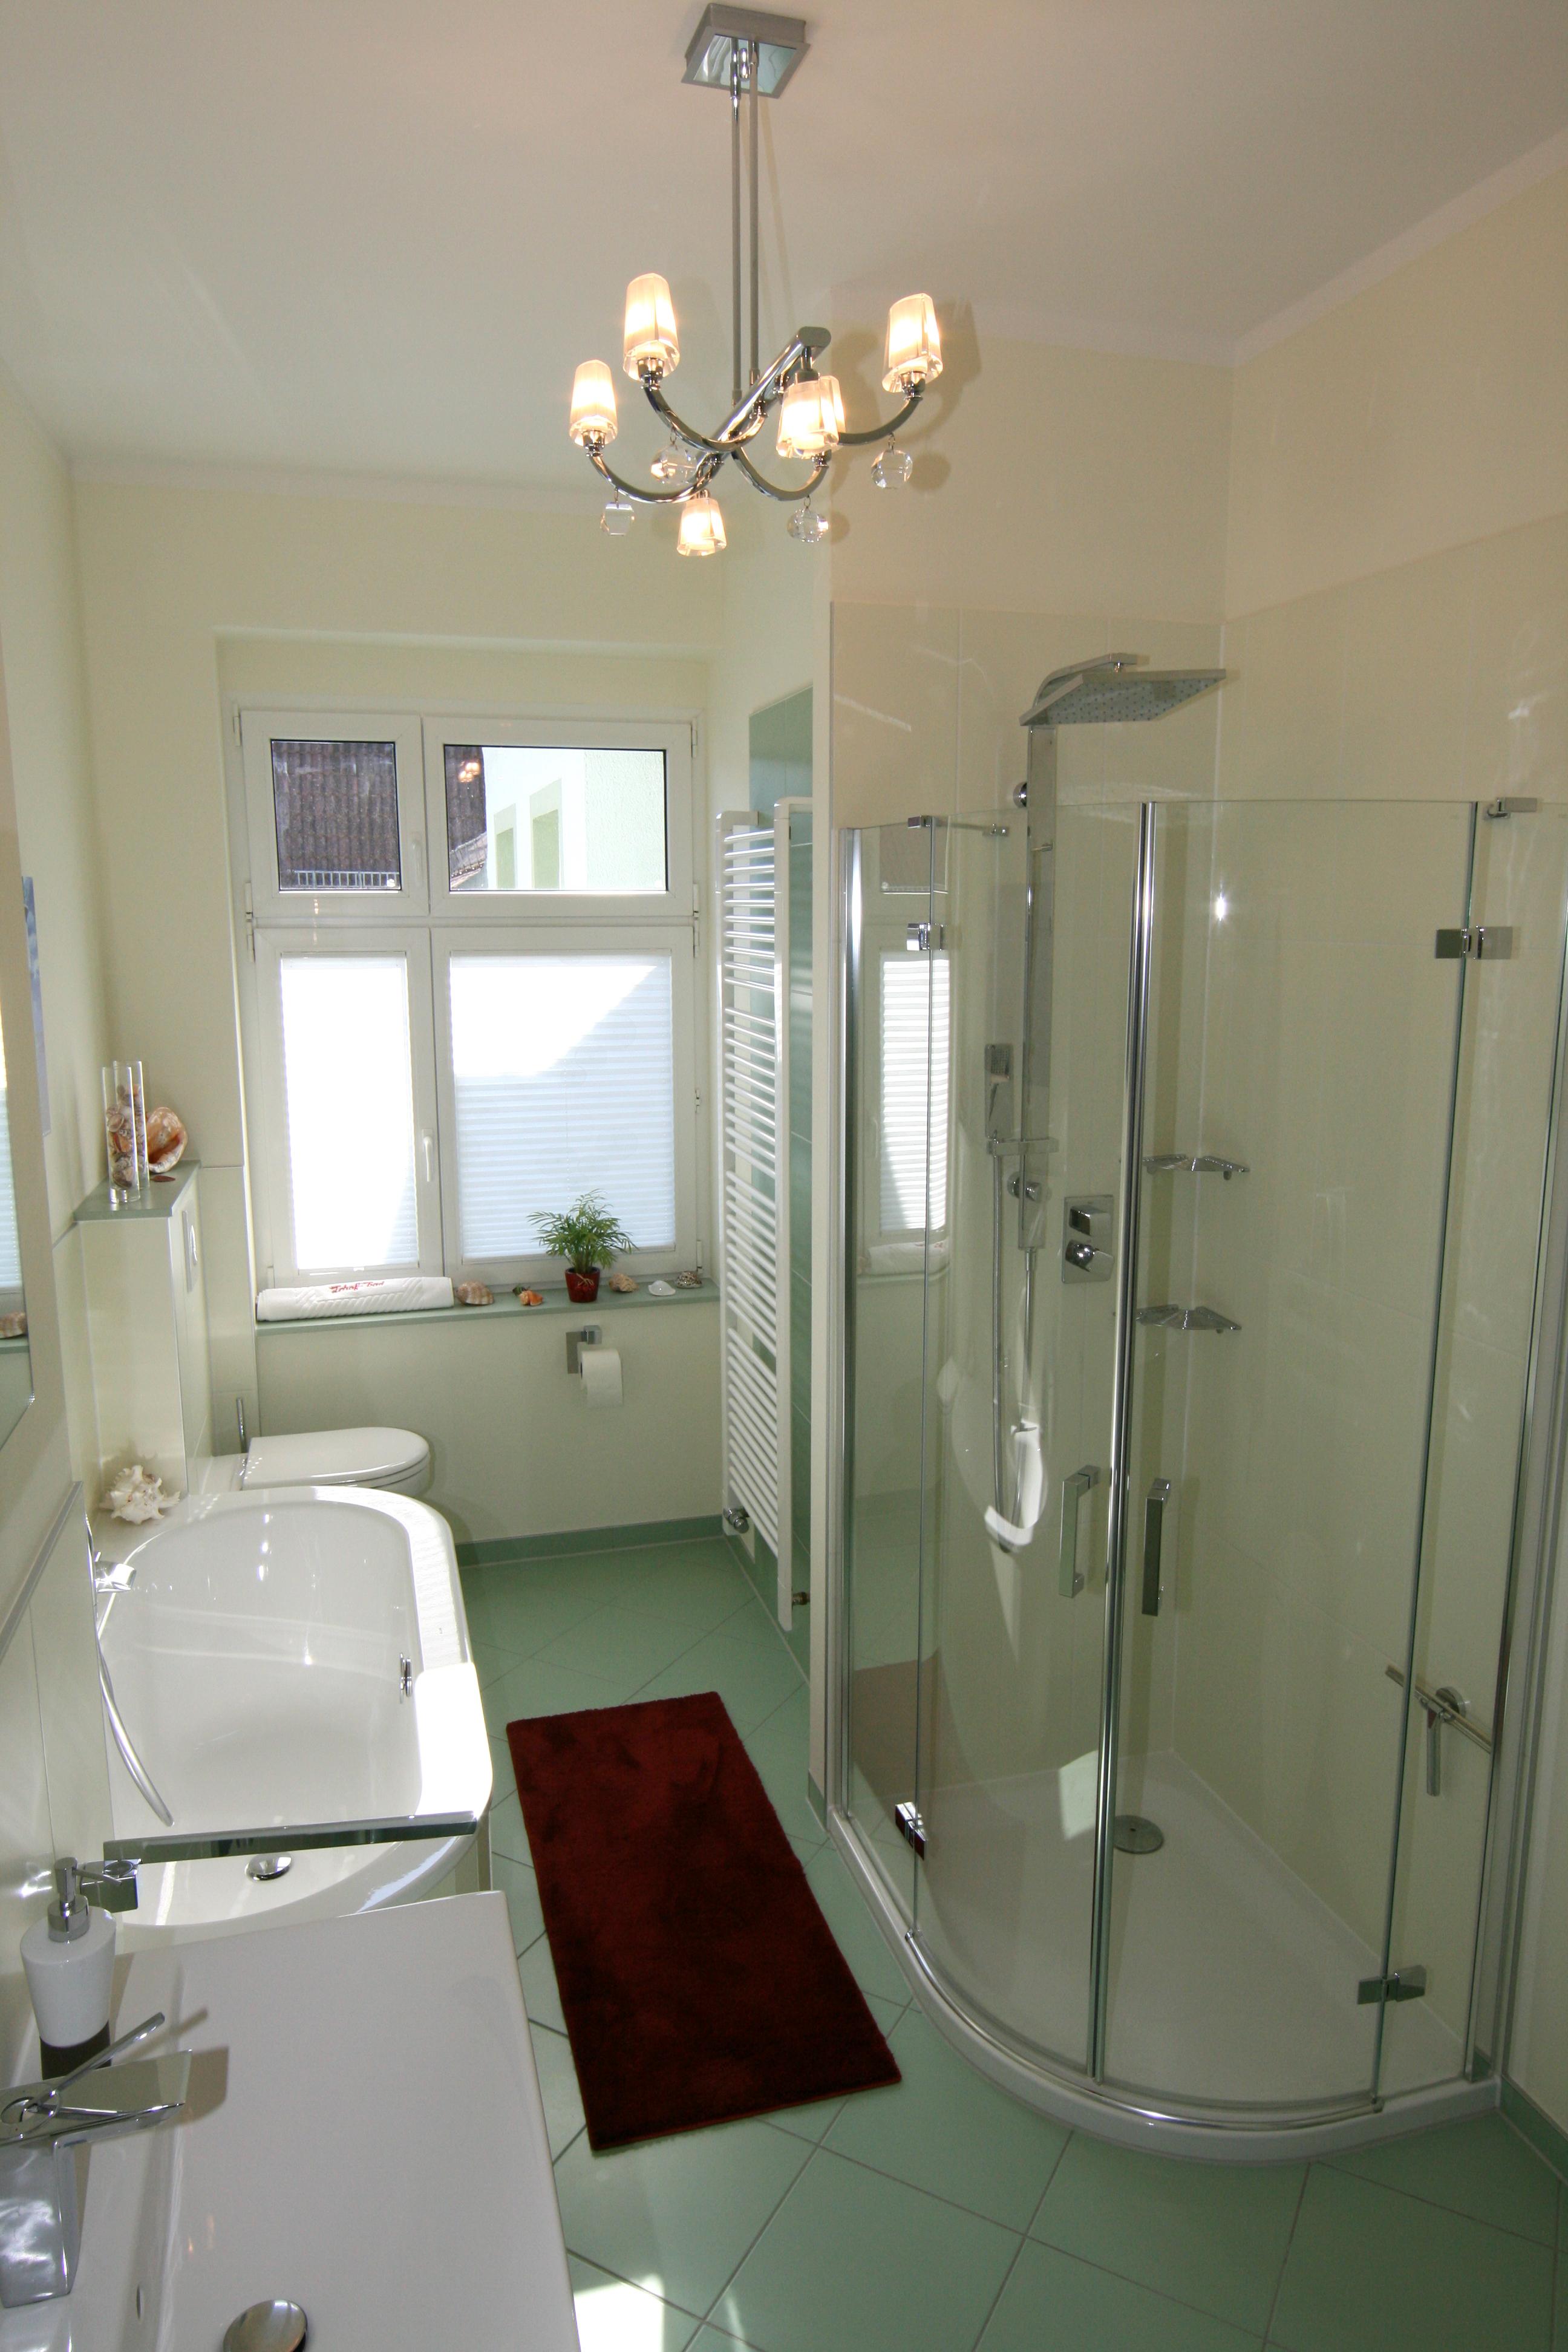 Die Auswahl Glänzender Fliesen Weiten Optisch Den Raum Und Bringen  Zusätzlich Brillanz In`s Bad.